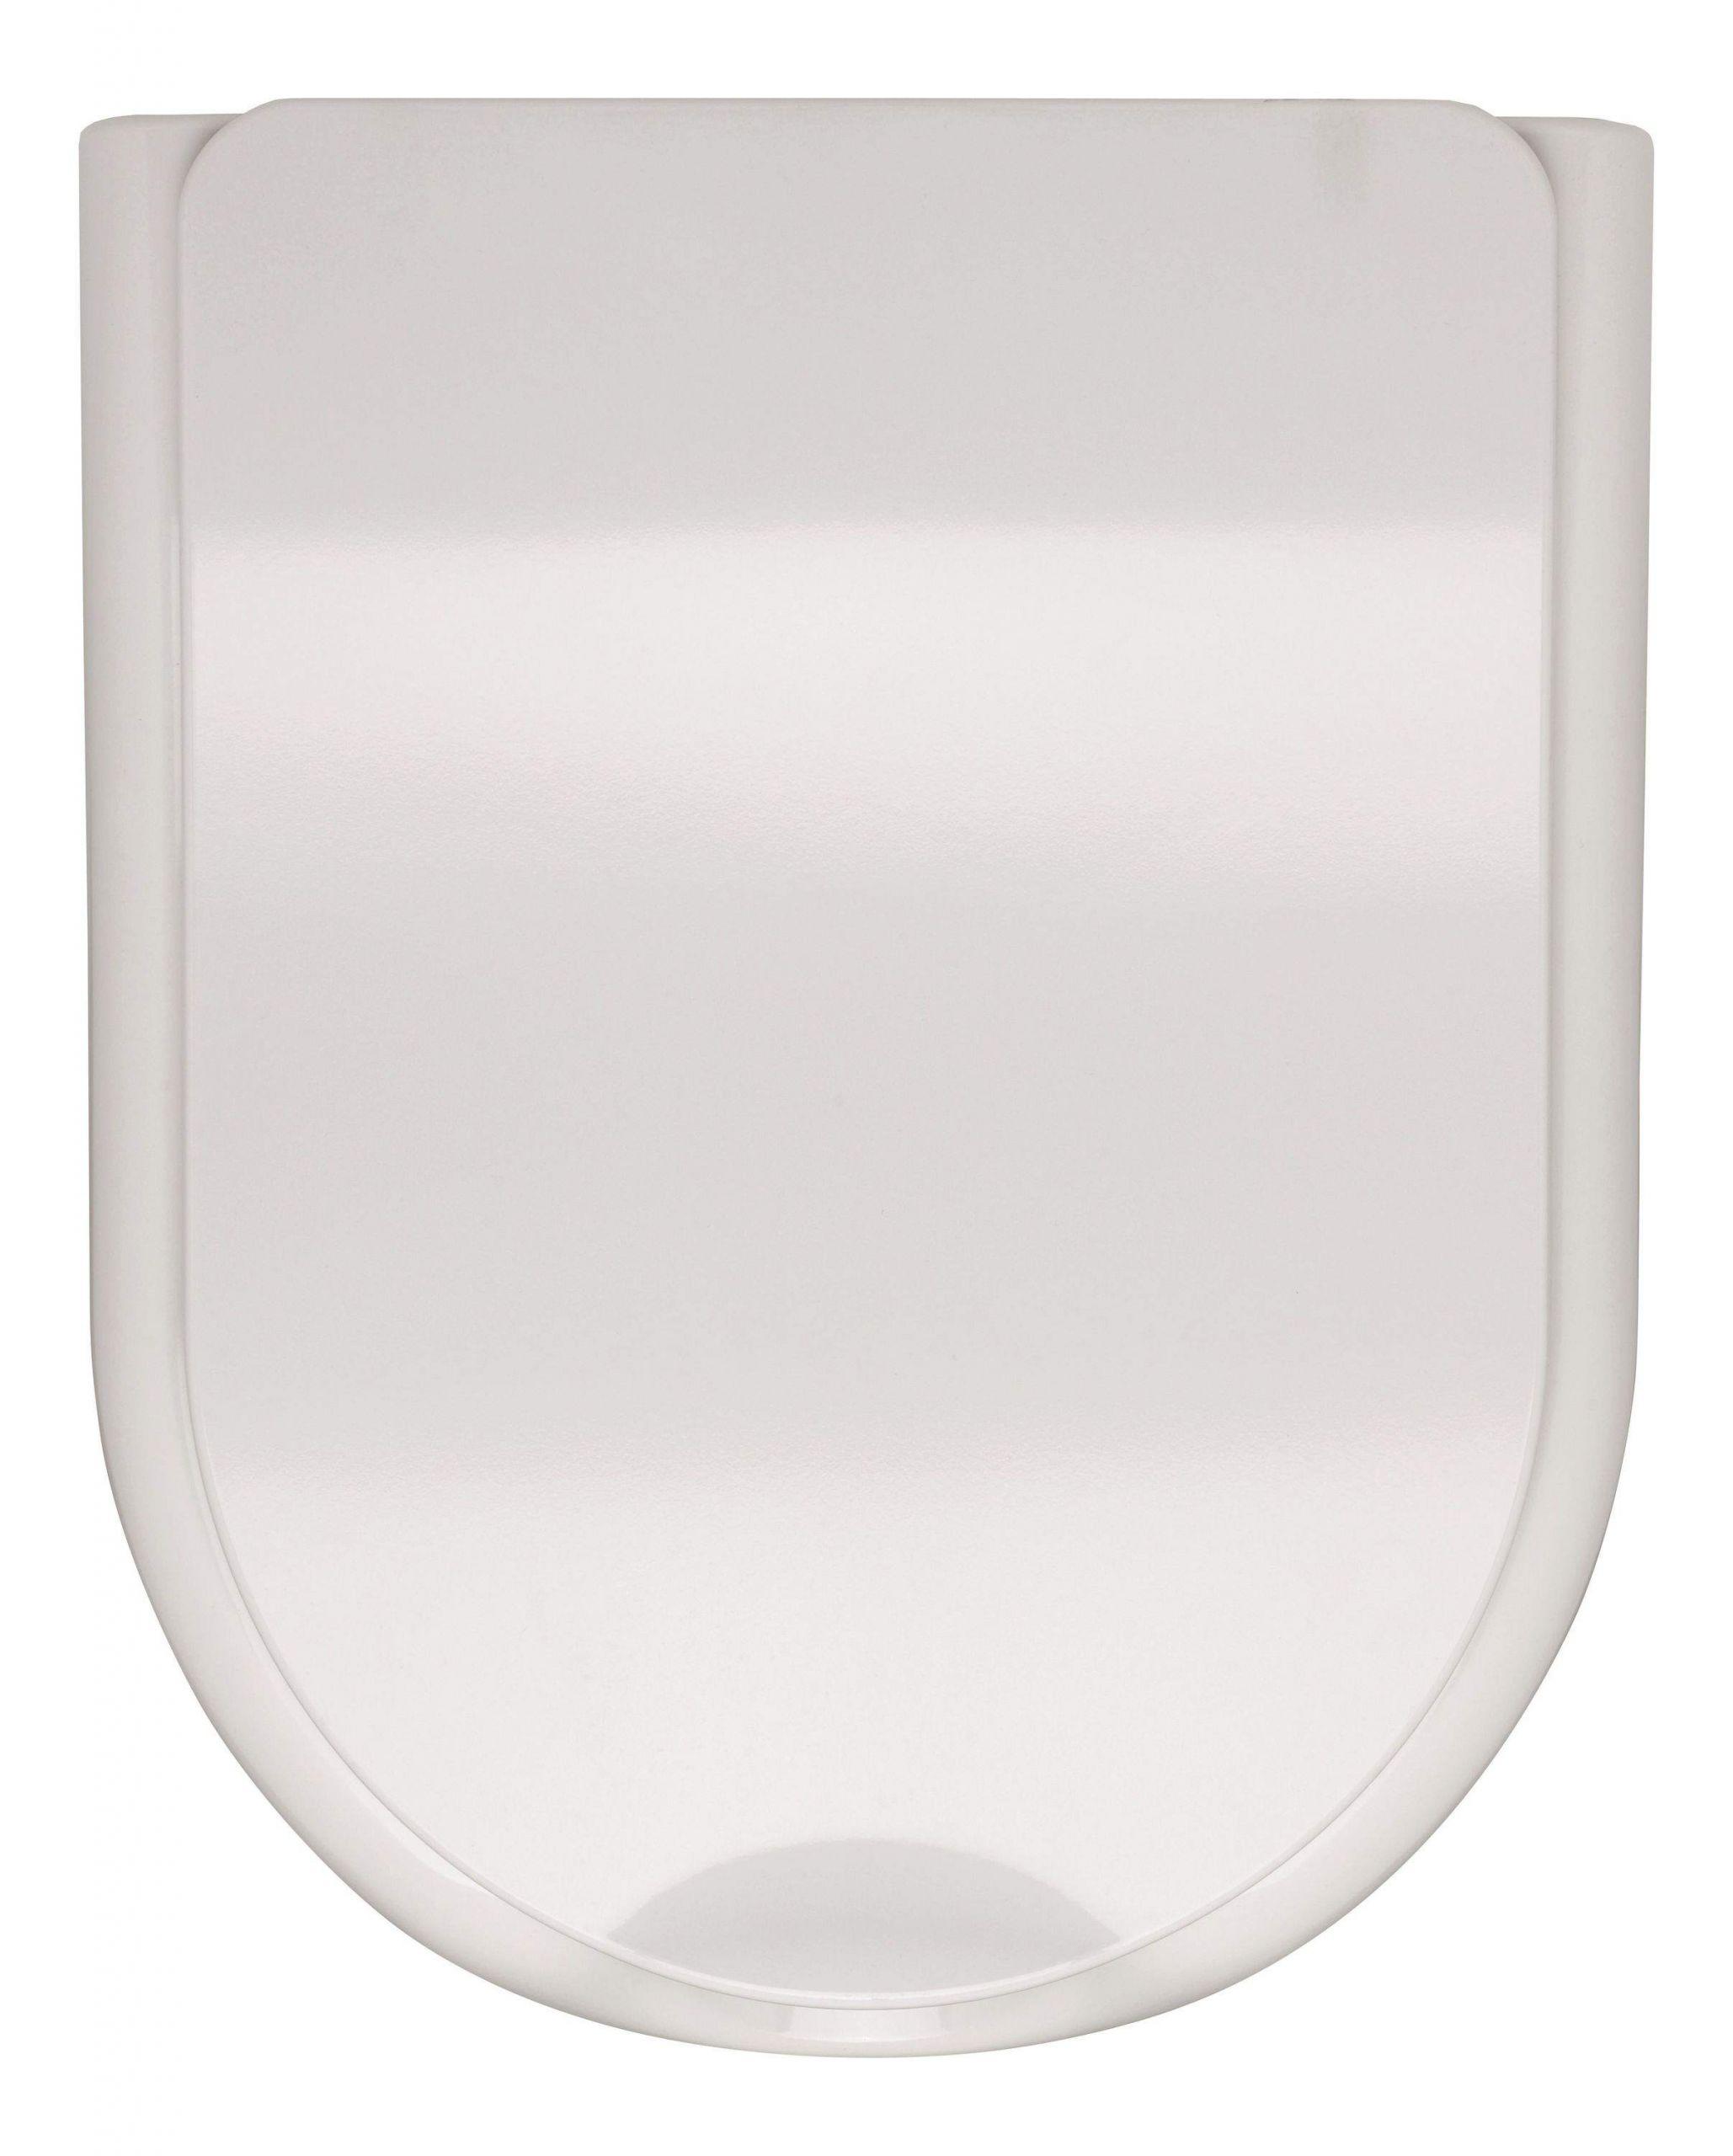 26LP3280 01 WC Sitz Toilettendeckel behindertengeoucuTNsEehvjQ